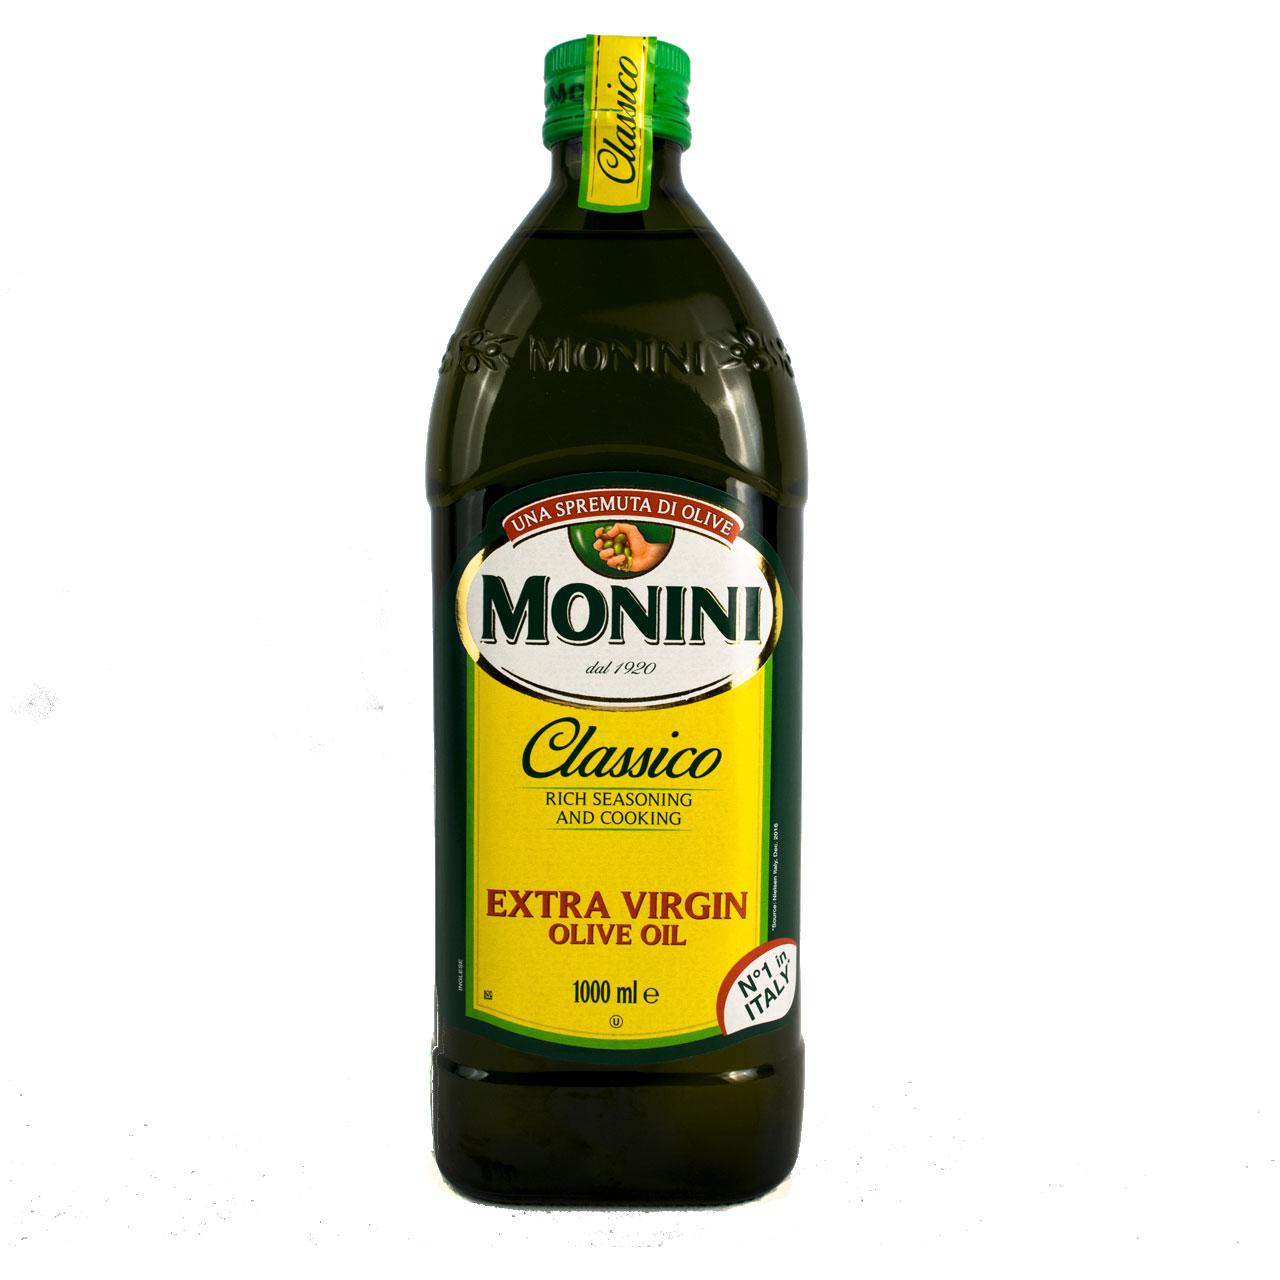 روغن زیتون با بو یک لیتر مونینی – monini